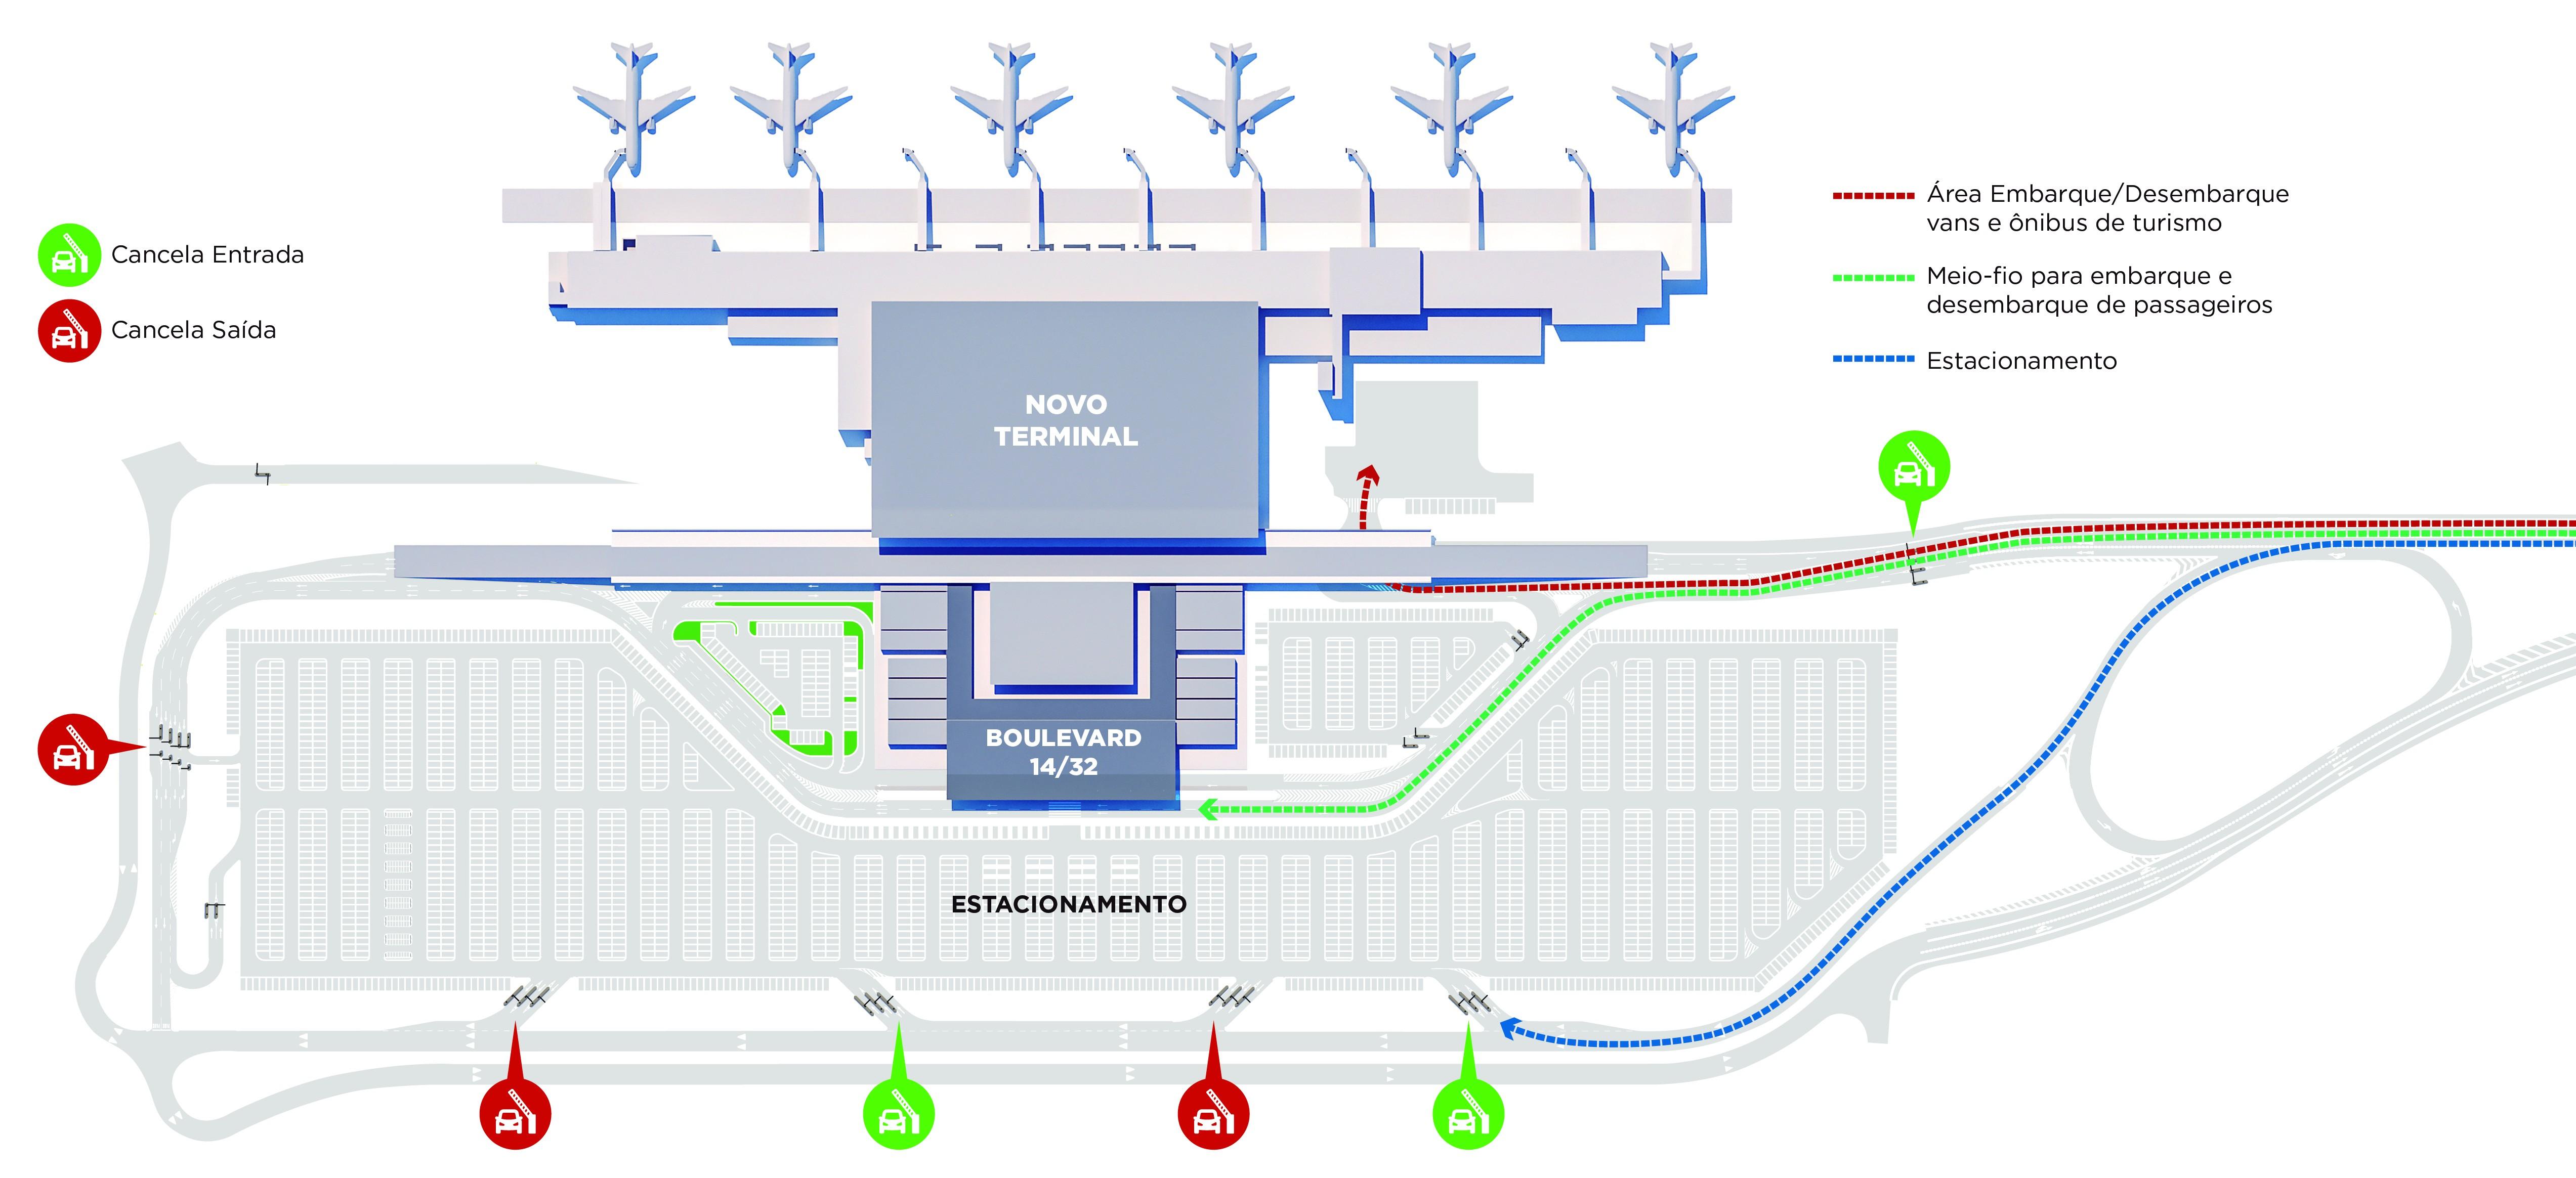 Procon notifica empresa do Aeroporto de Florianópolis sobre área de embarque e desembarque - Notícias - Plantão Diário